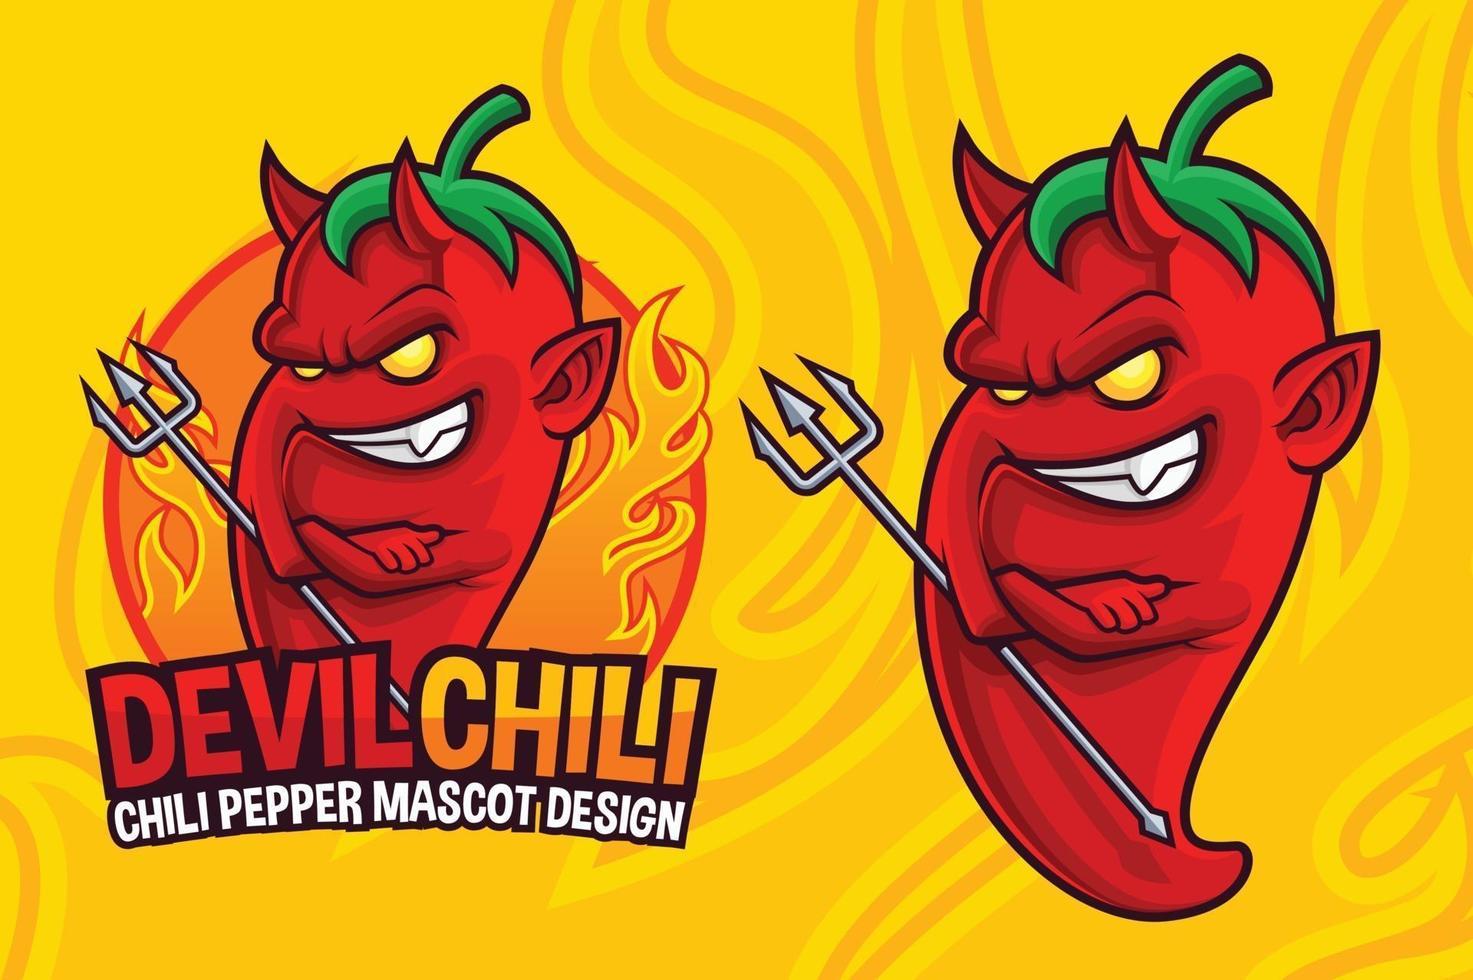 diseño de mascota de ají diablo vector